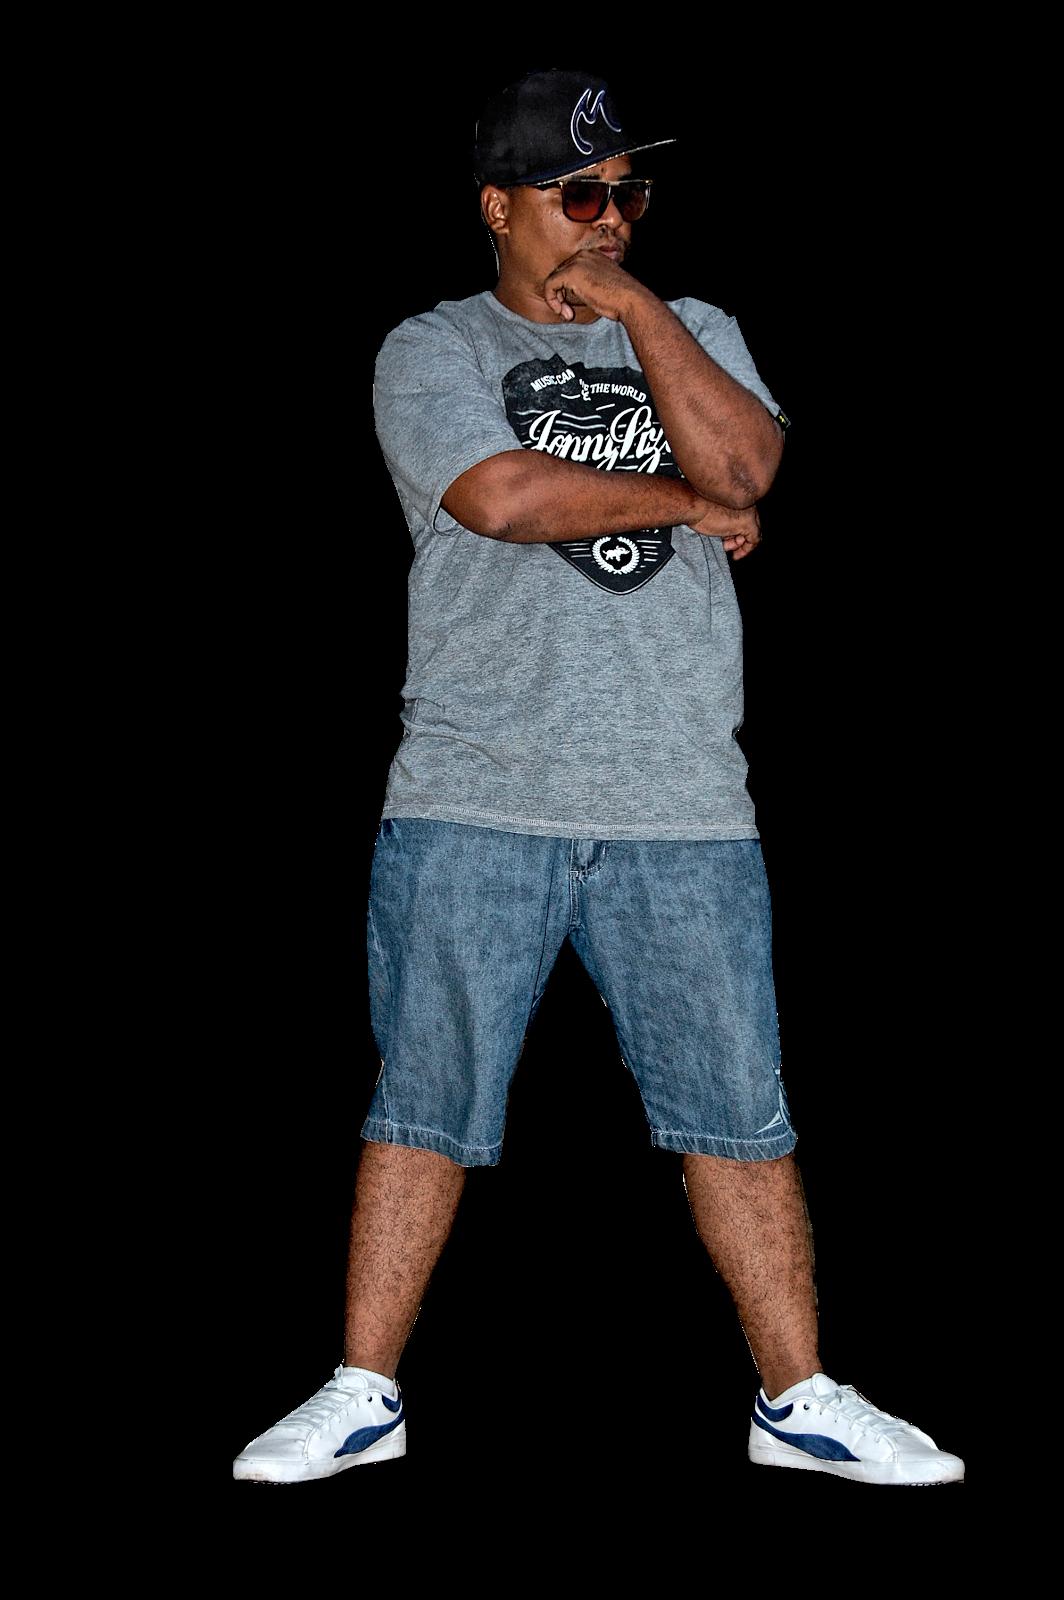 (Jay Evy) Novo integrante